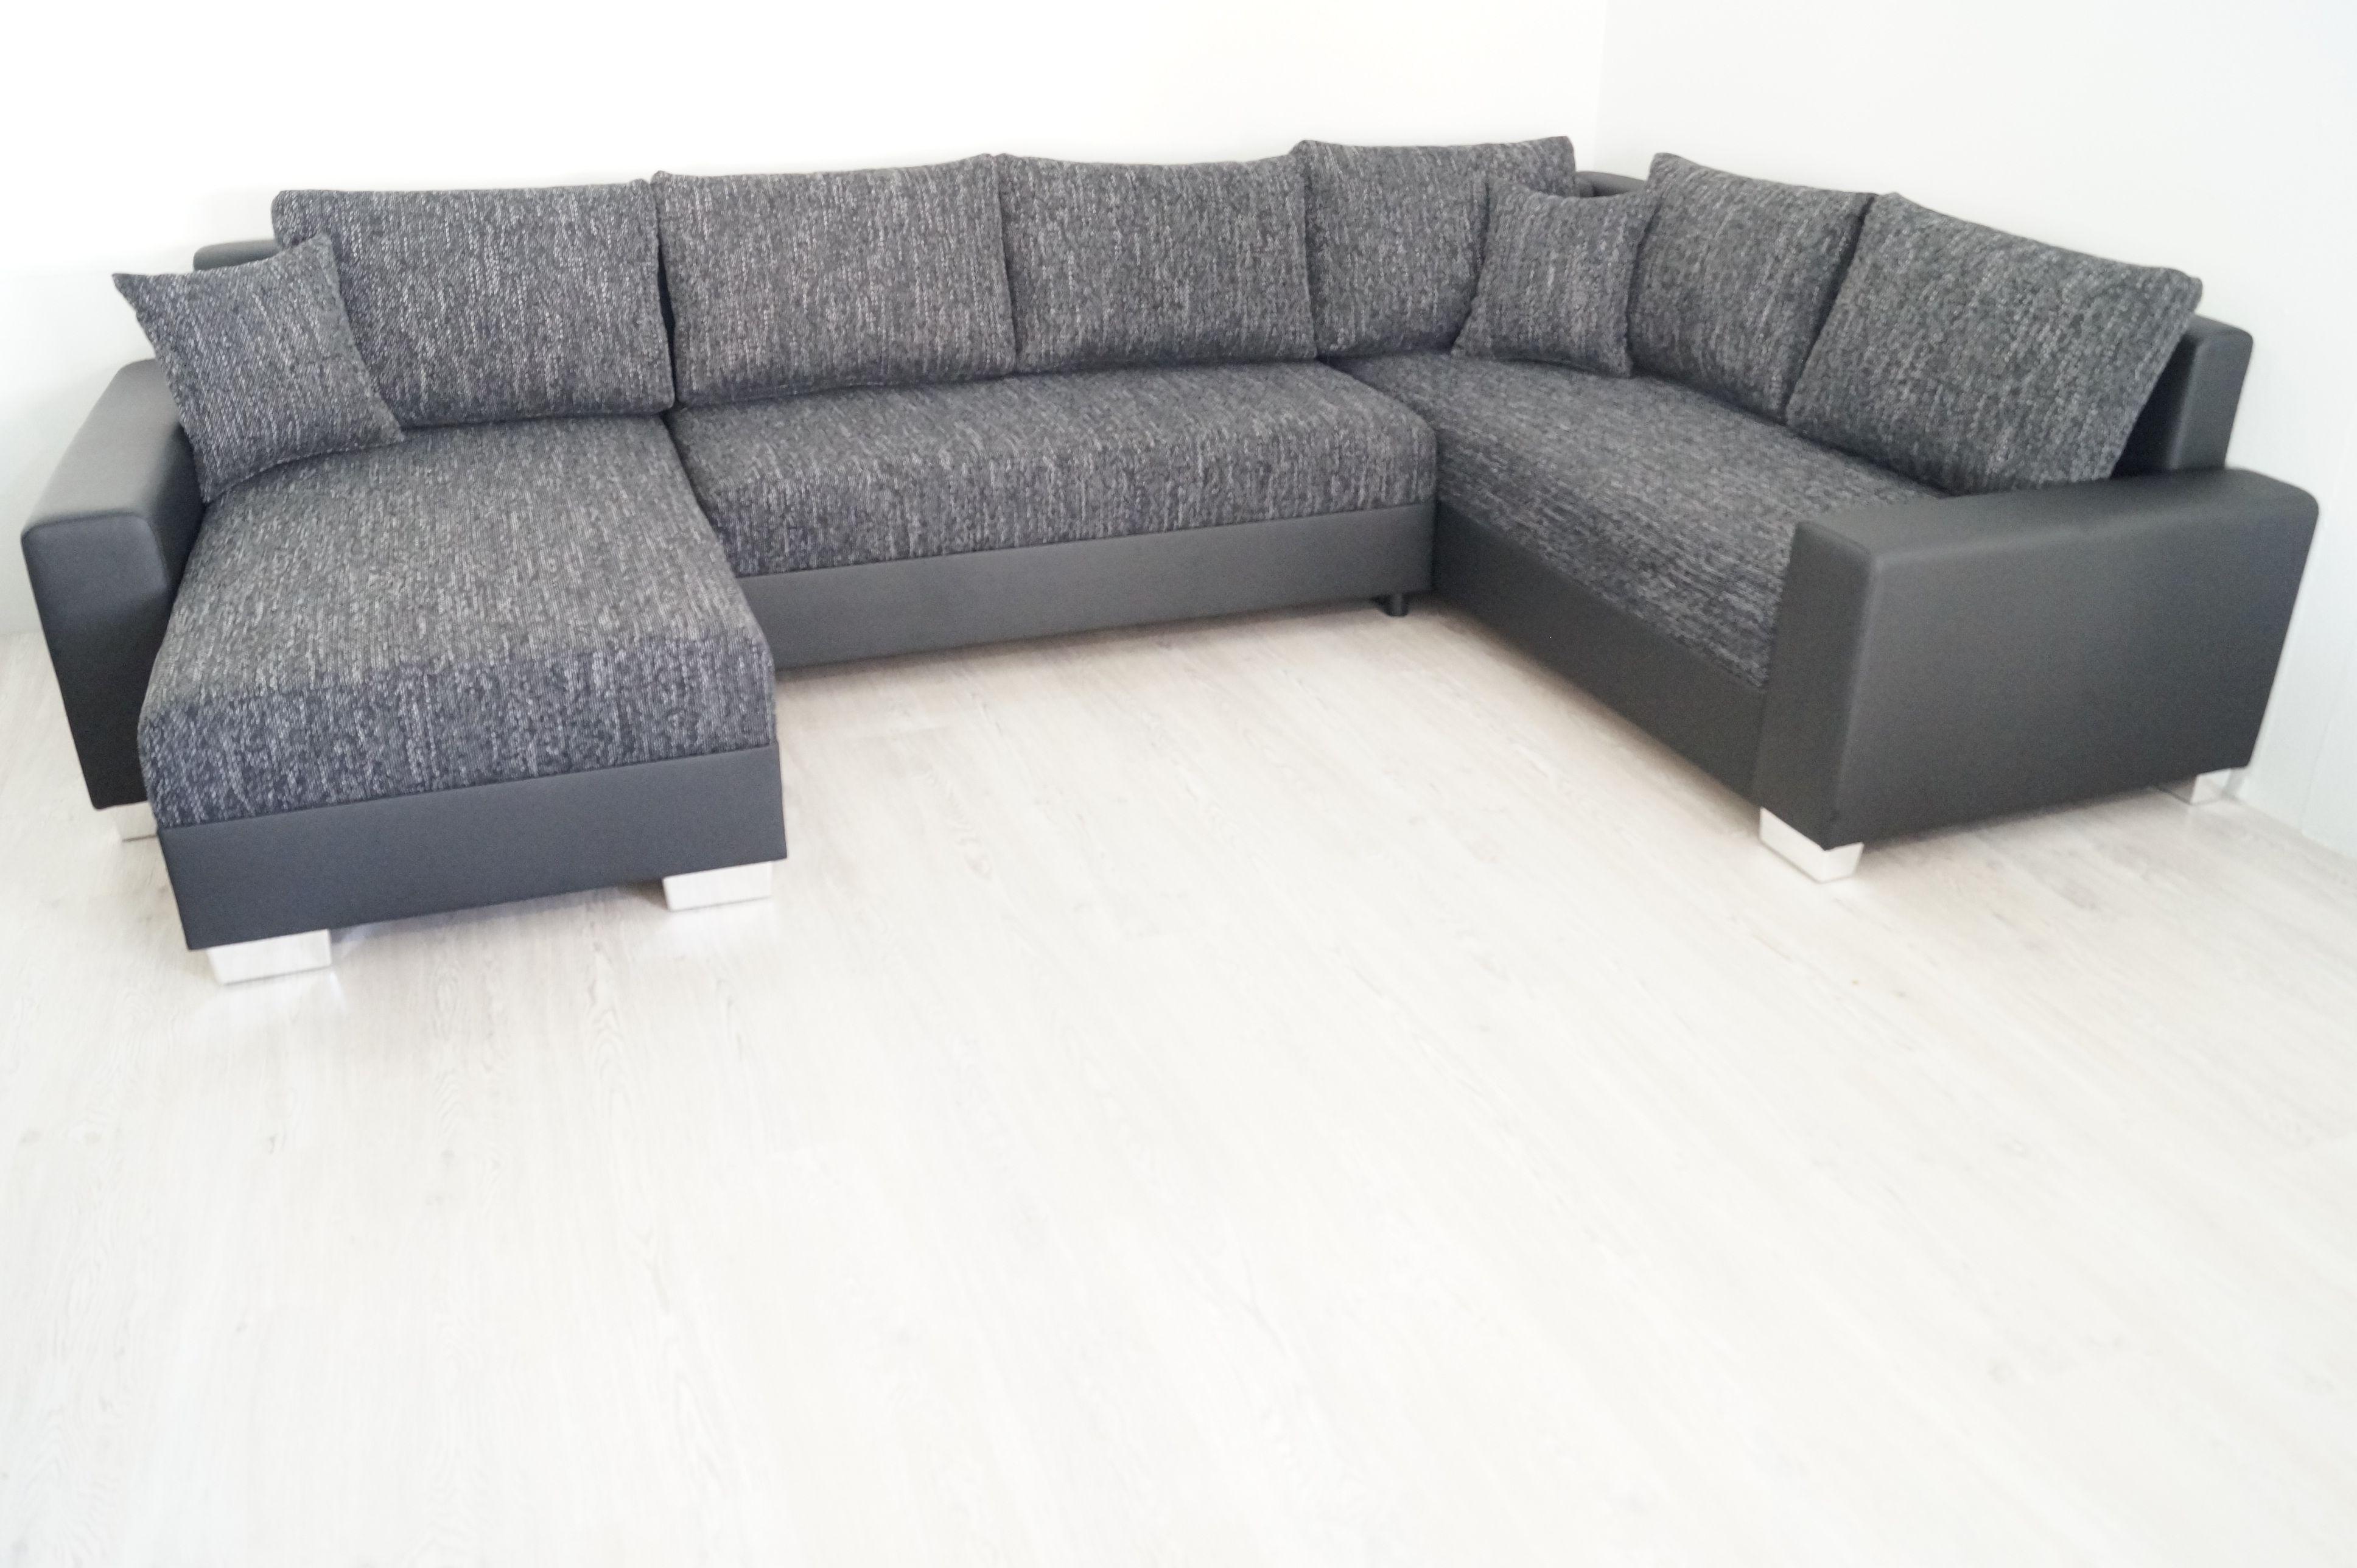 Ansprechend Sofa Billig Kaufen Beste Wahl Www.sofa-günstig-kaufen.de Möbel Sofort Auf Lager !